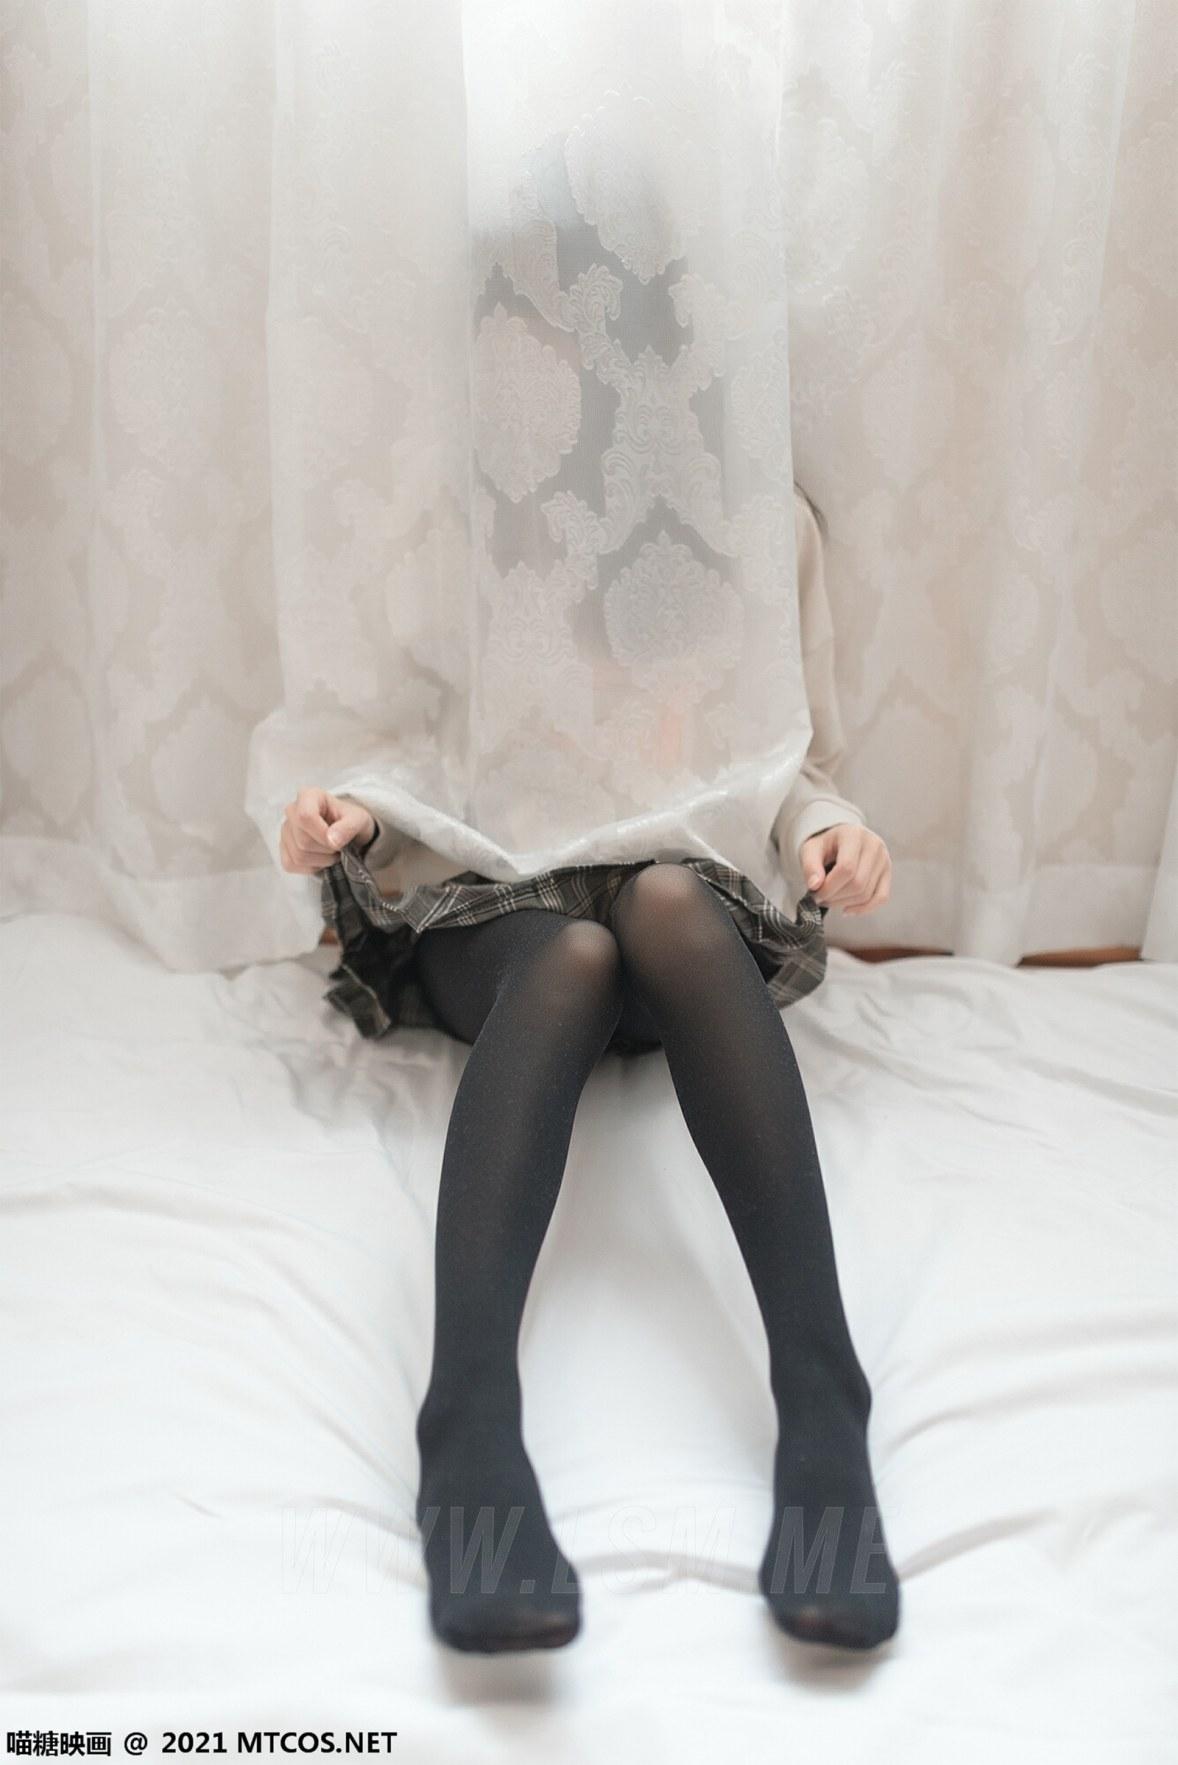 MTYH 喵糖映画 Vol.367 jk制服黑直长 - 4